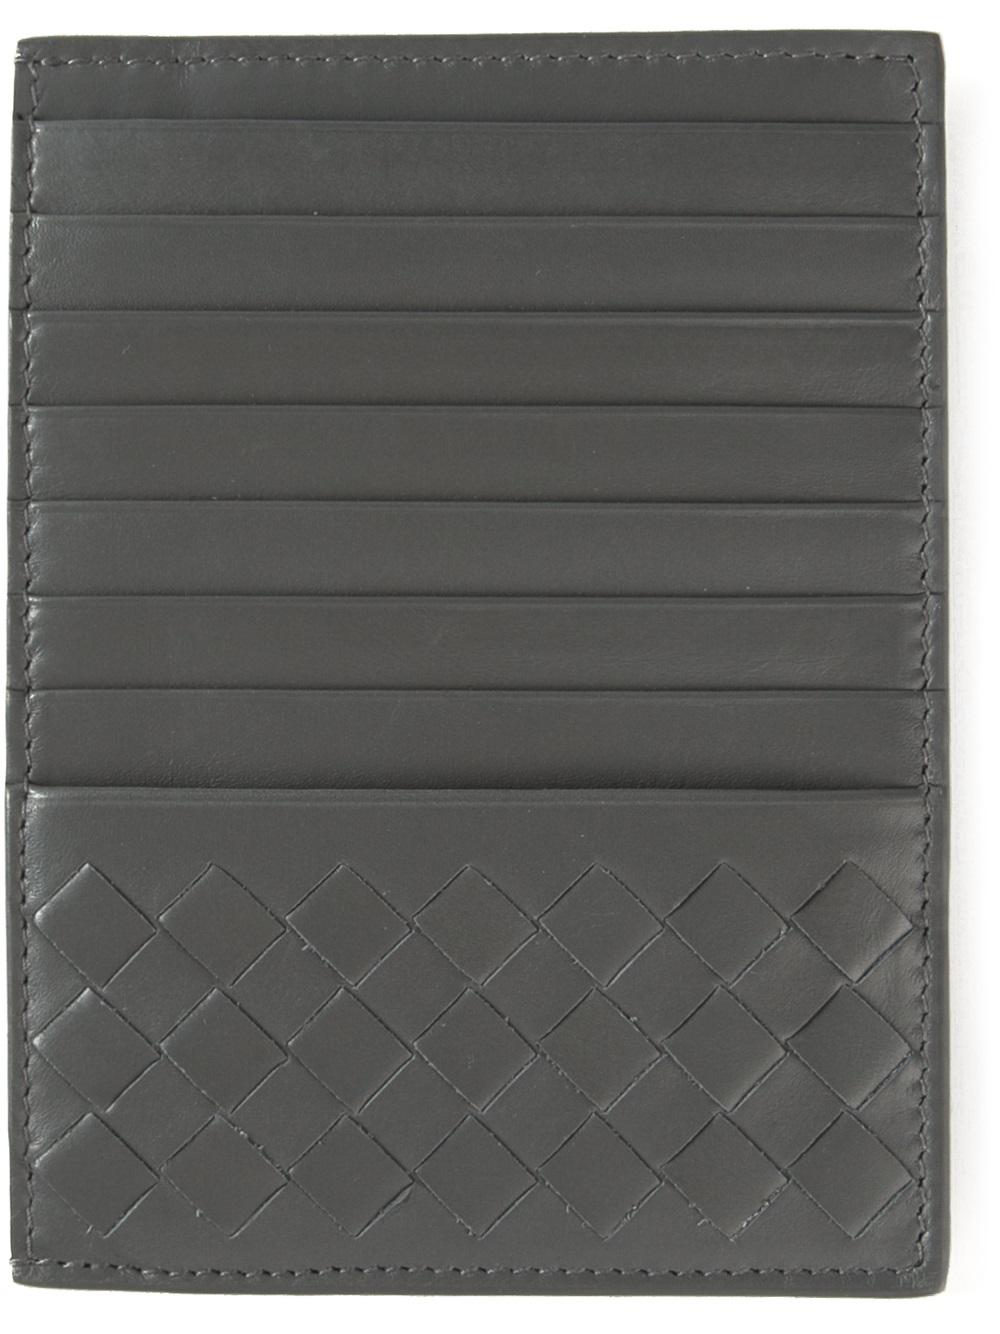 Intrecciato leather cardholder Bottega Veneta xBdhb